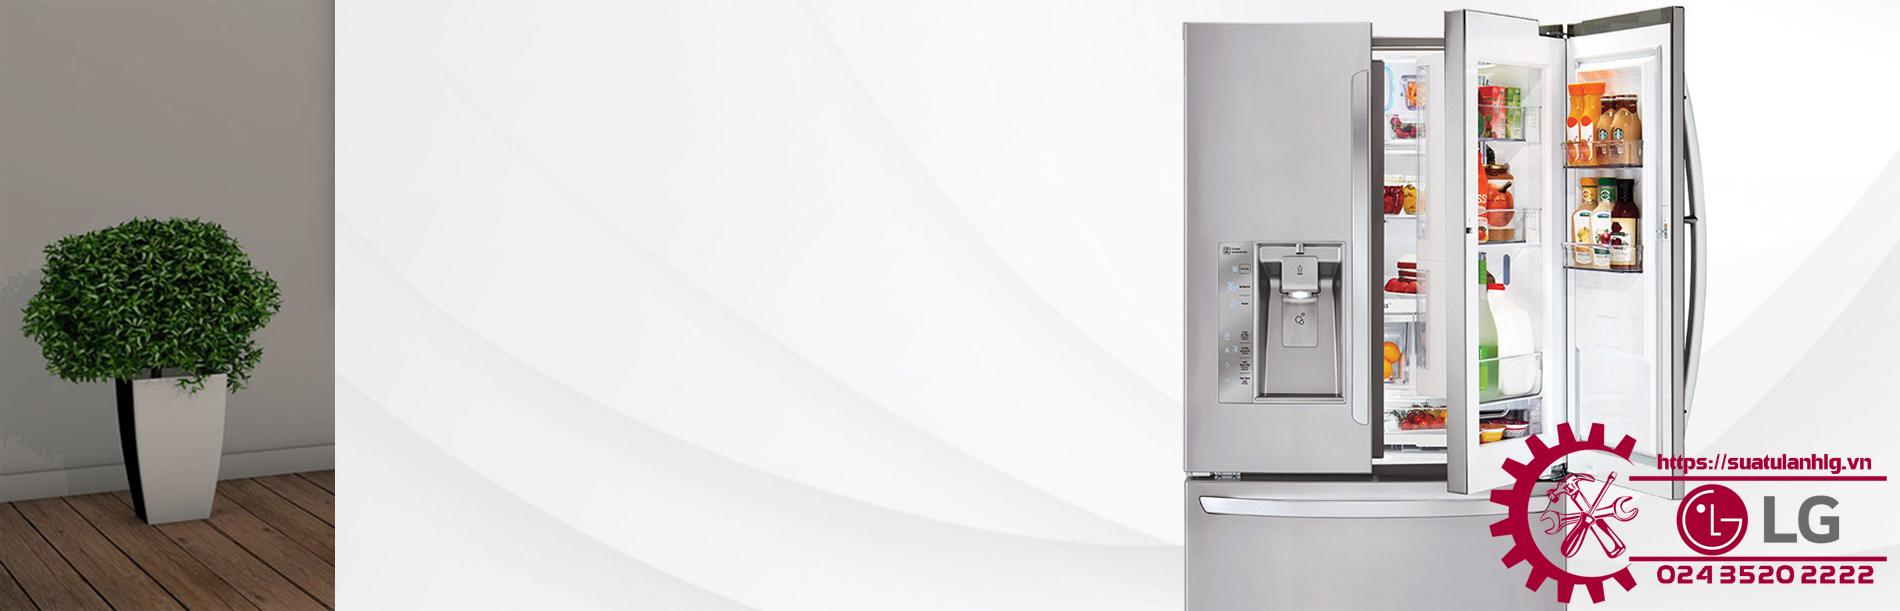 Sửa tủ lạnh LG tại Nhà